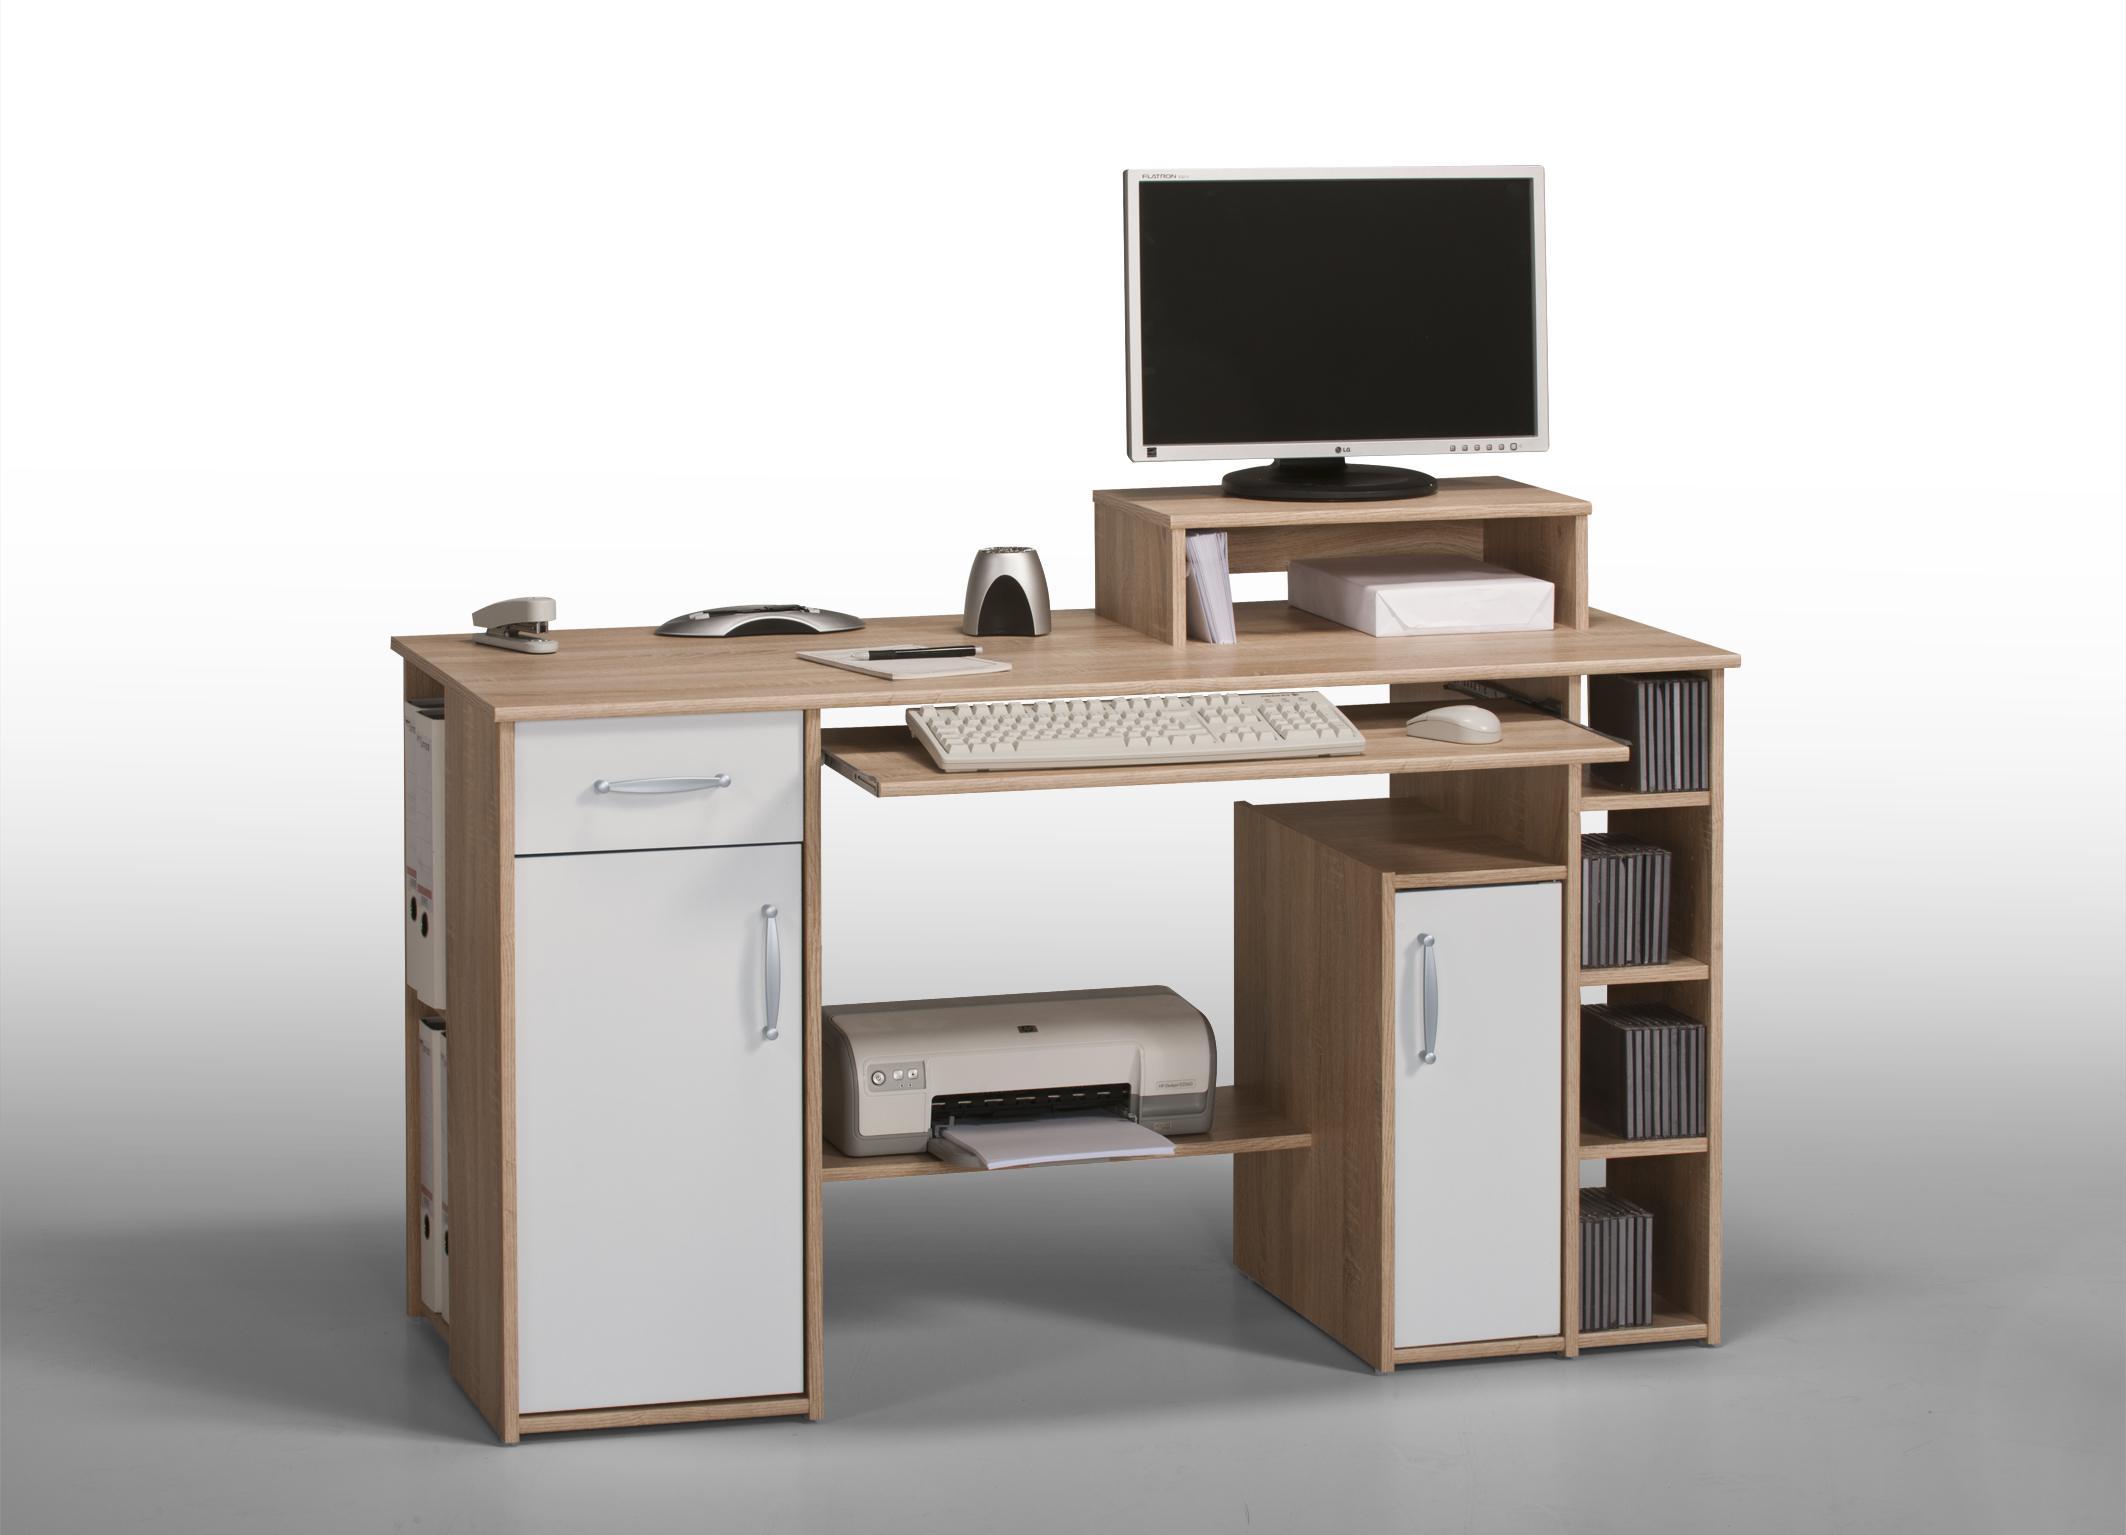 Bureau informatique contemporain chêne sonoma-blanc Saveria